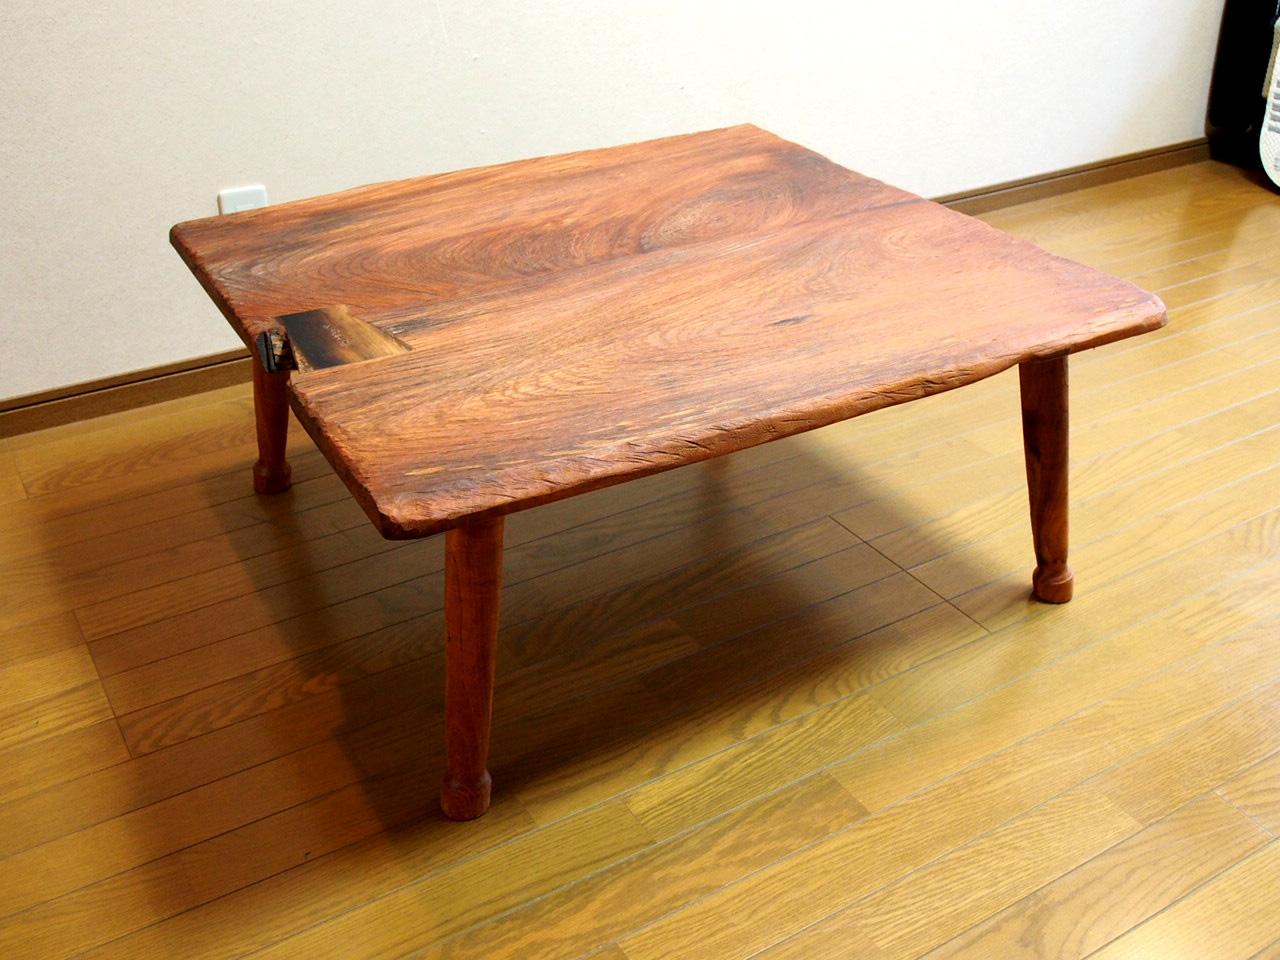 ケヤキ座卓【那須高原 じざい工房 小林康文の素材を活かす家具づくり】